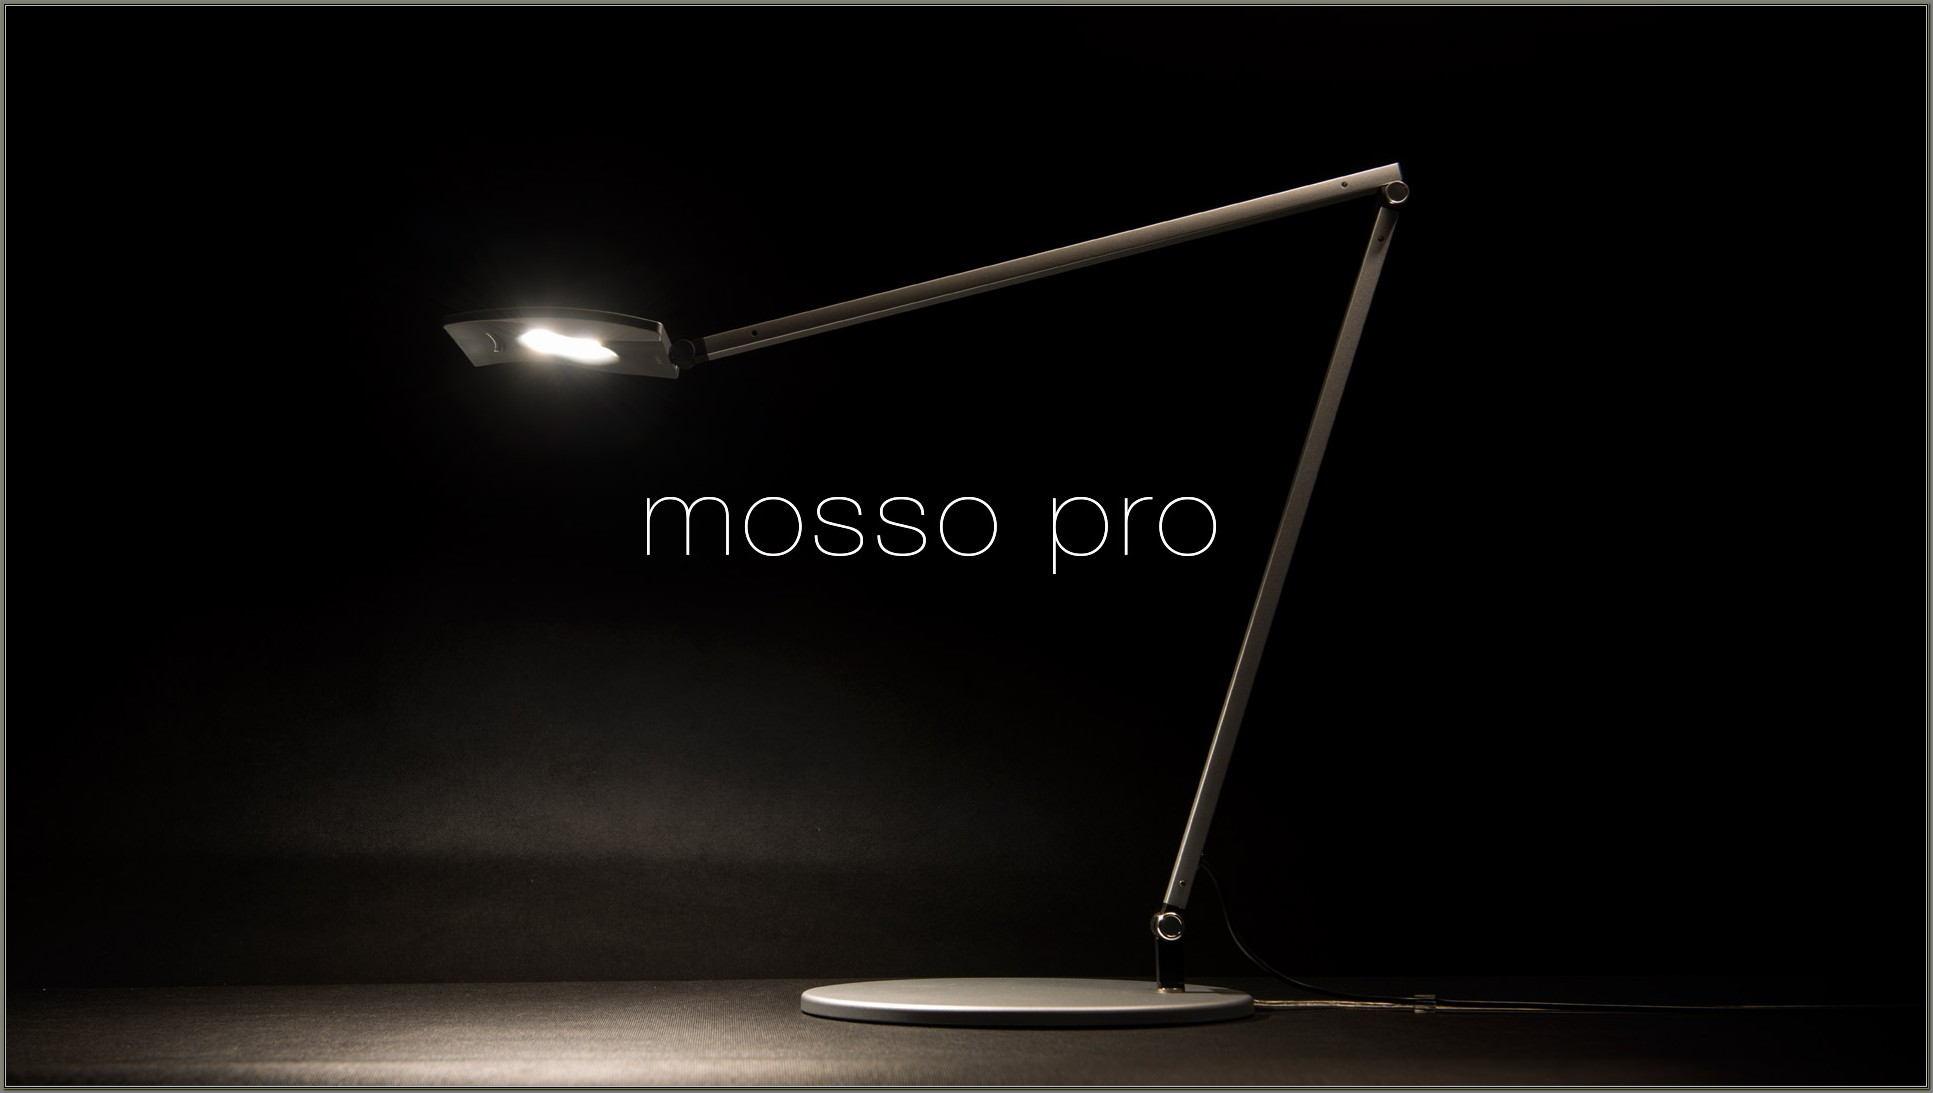 Z Bar Led Desk Lamp Generation 3